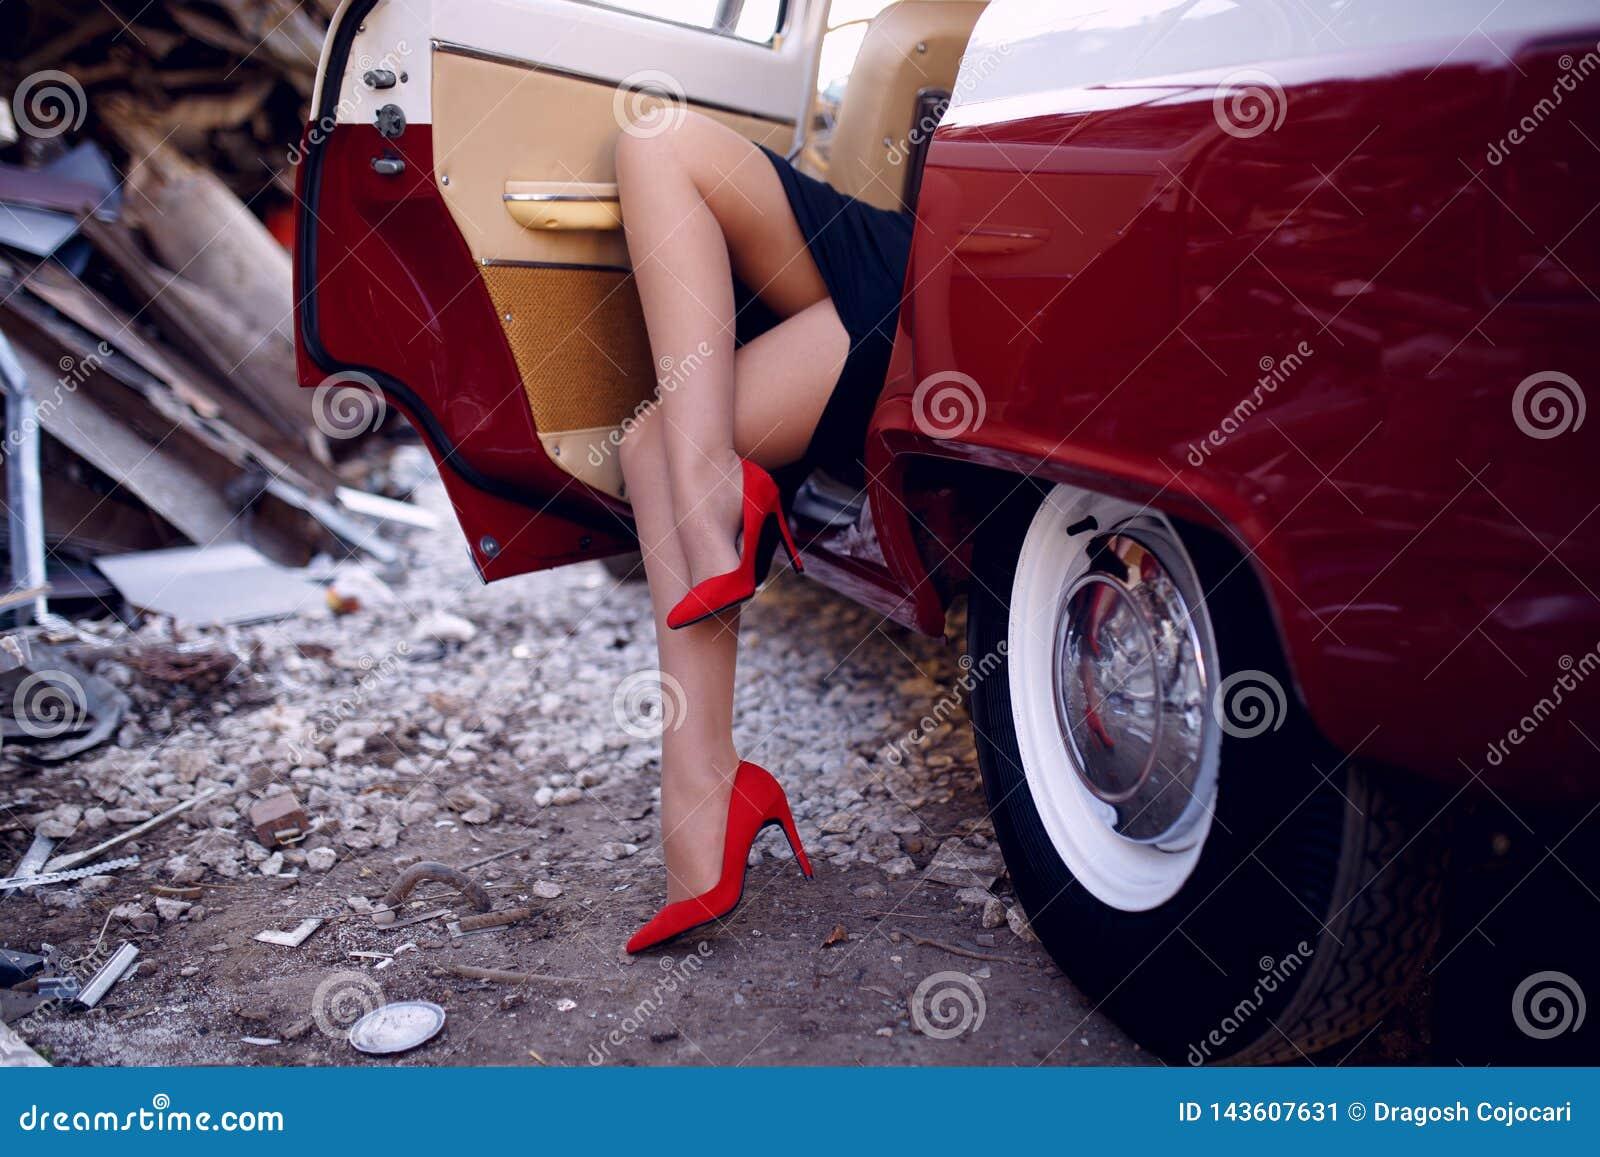 Κλείστε επάνω τα πόδια γυναικών στα κόκκινα τακούνια παπουτσιών καθμένος μέσα στο εκλεκτής ποιότητας κόκκινο αυτοκίνητο στο υπόβα